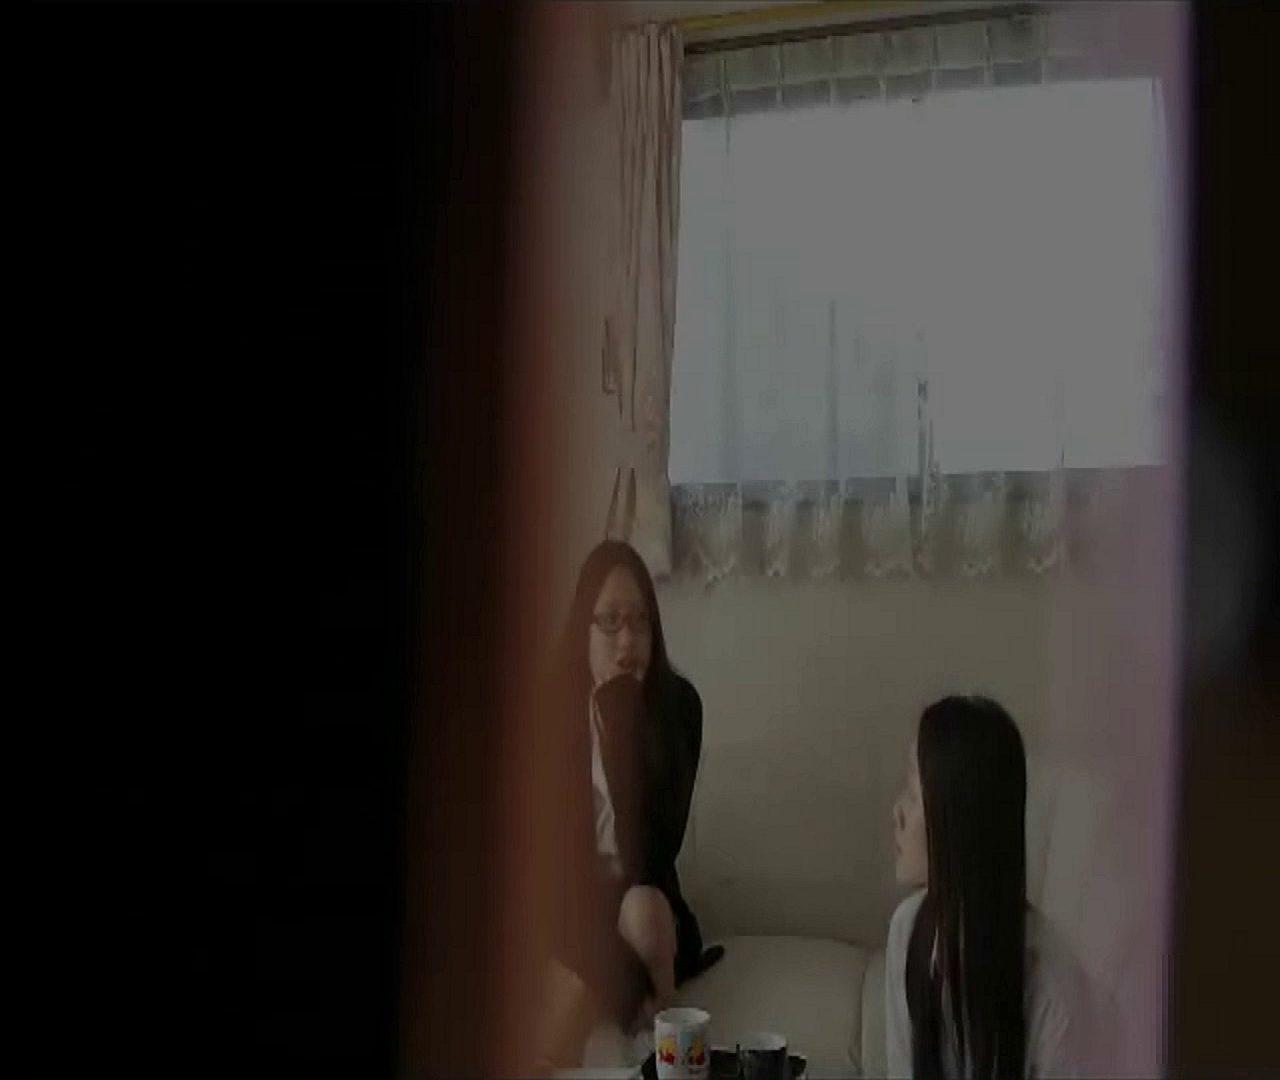 二人とも育てた甲斐がありました… vol.01 まどかとレイカの日常 美しいOLの裸体 | 0  75pic 45